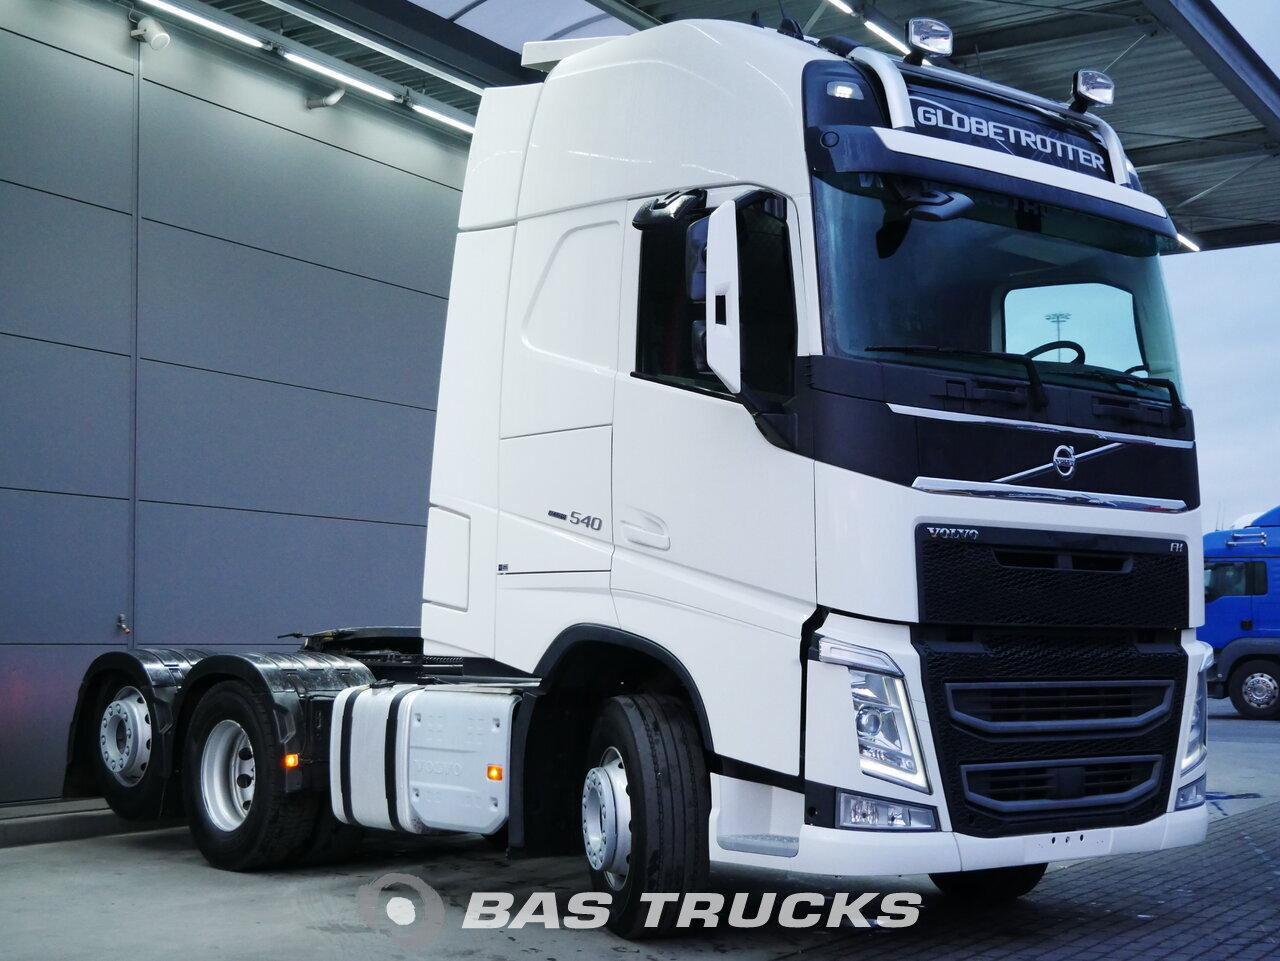 foto di Usato Trattore Volvo FH 540 XL 6X2 2016